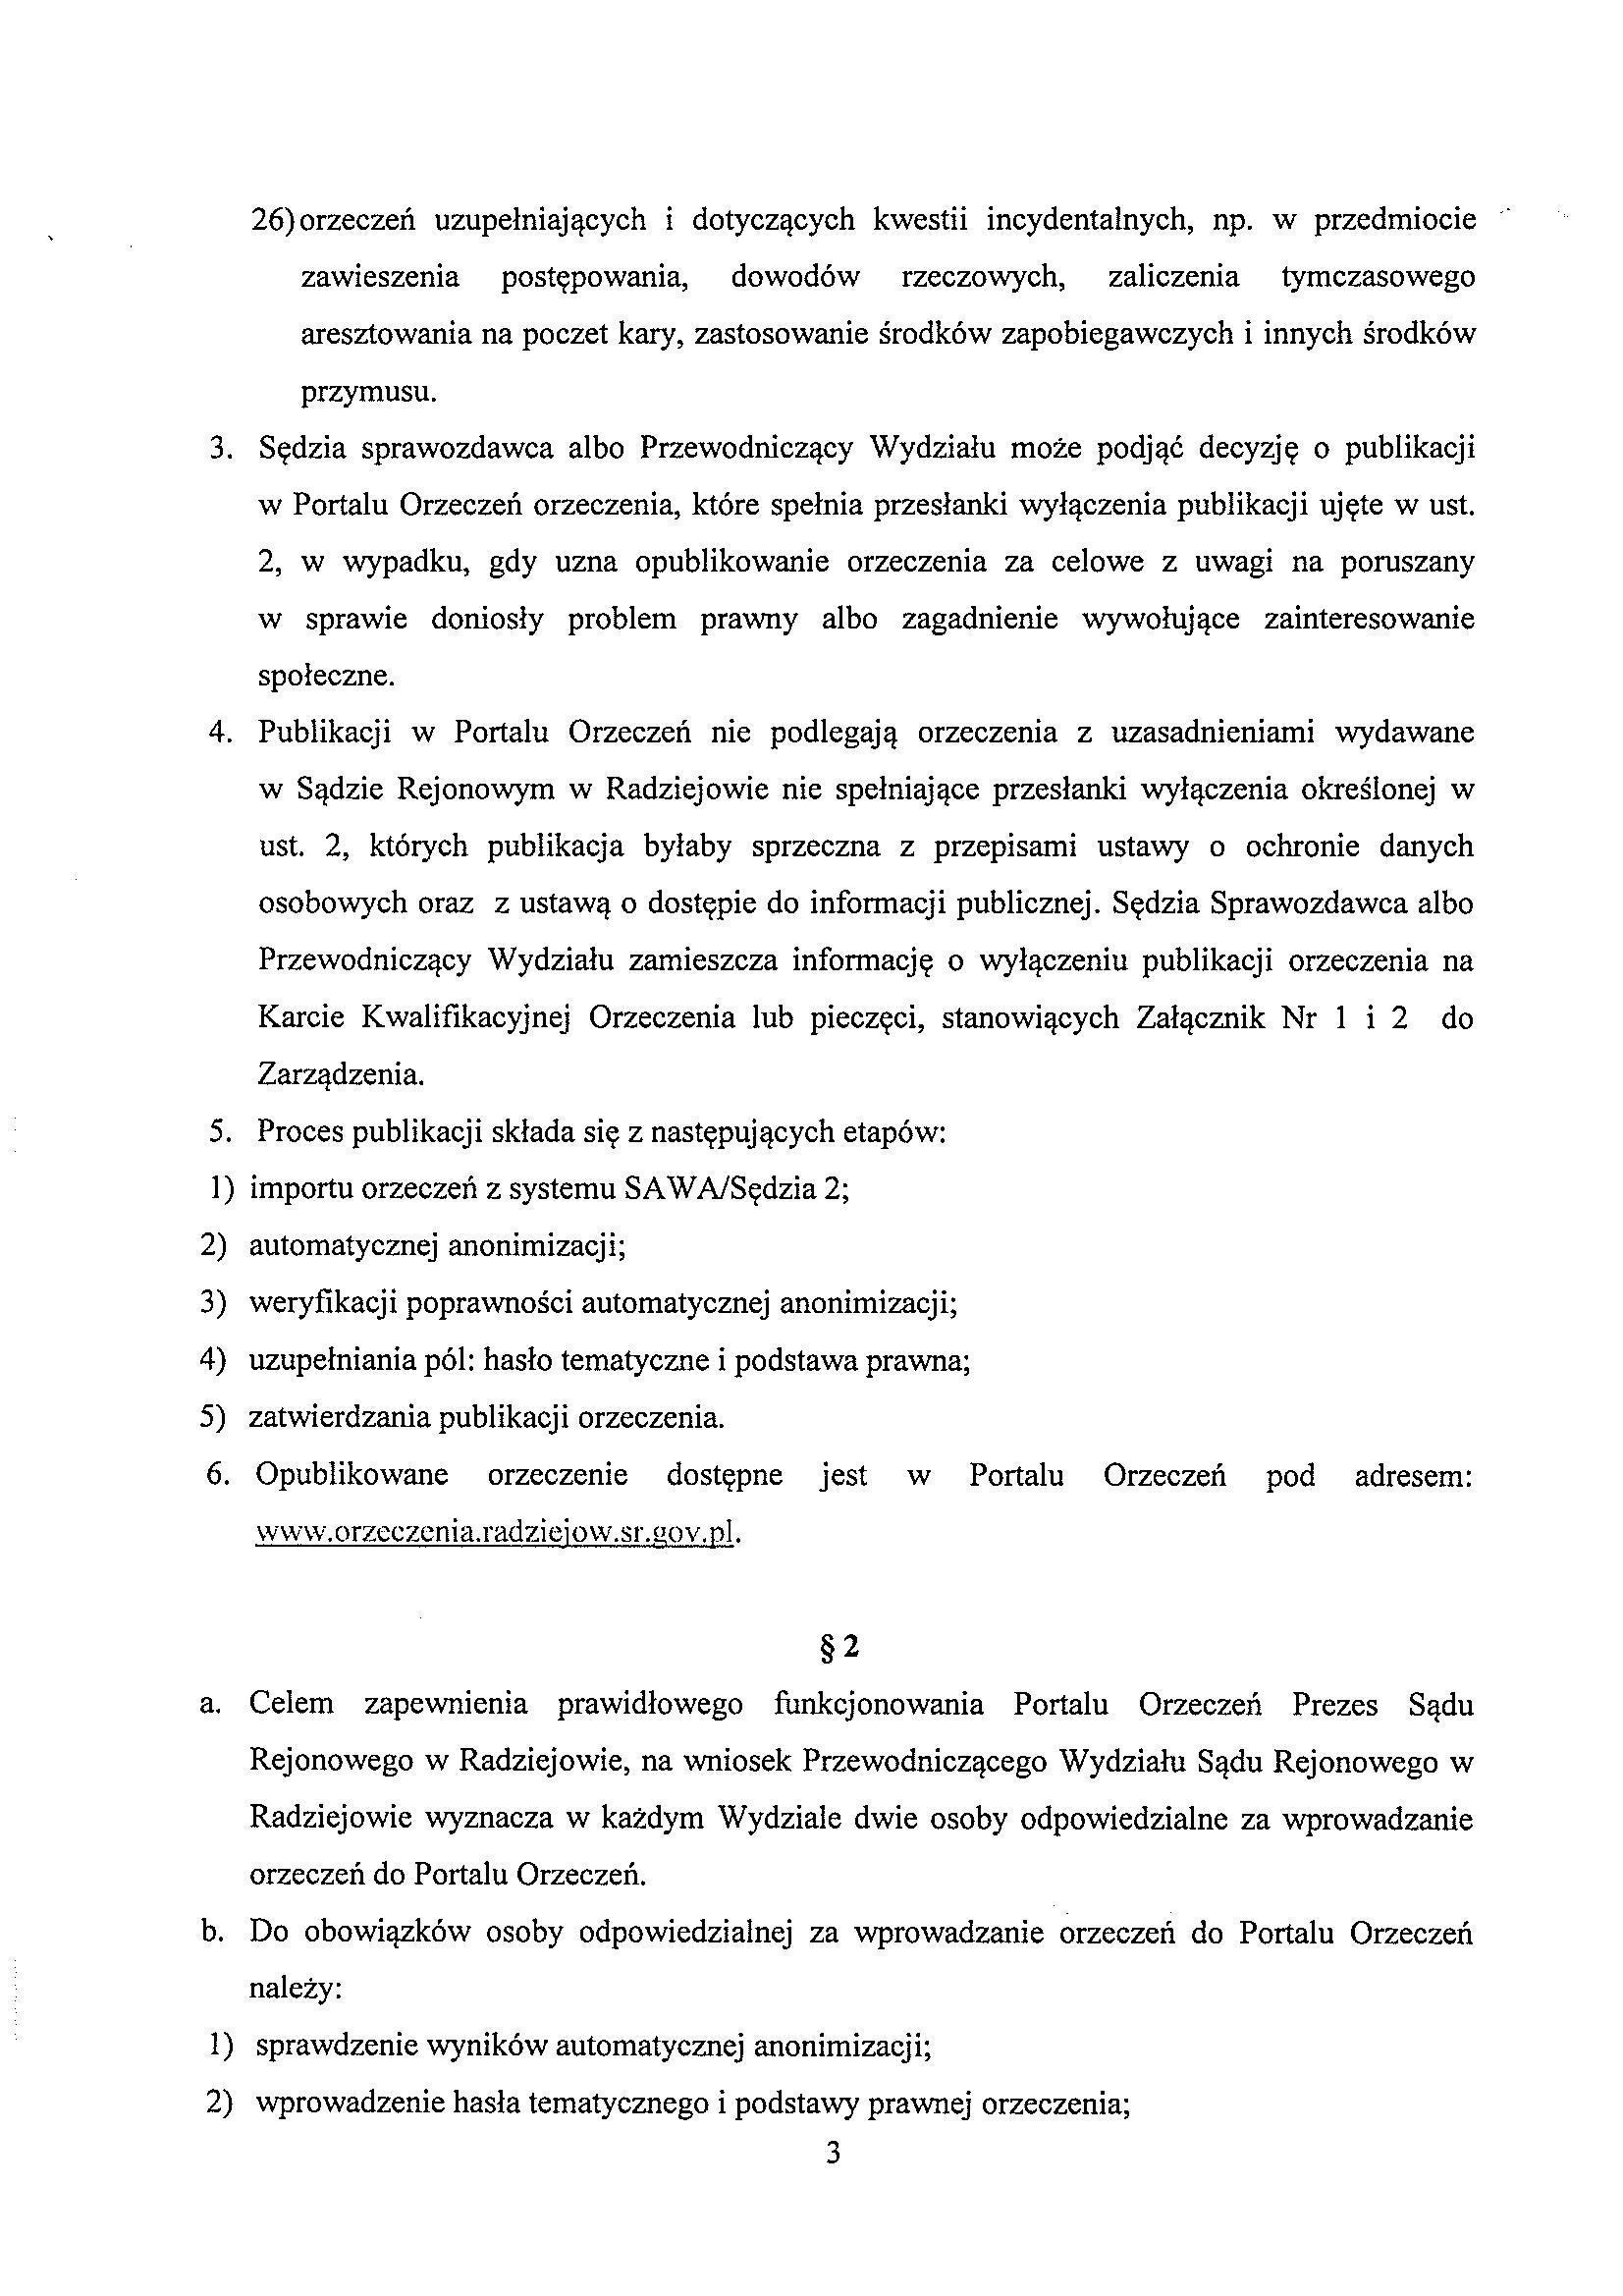 Portal Orzeczeń - Sąd Rejonowy w Radziejowie